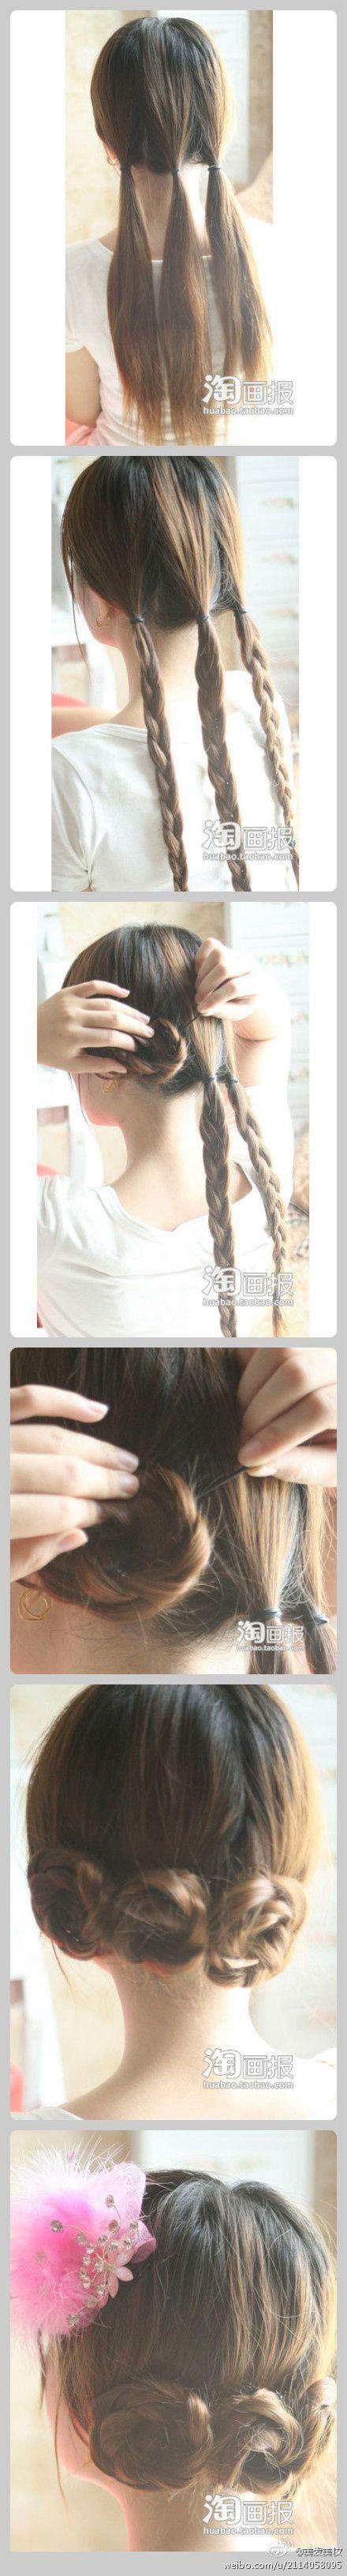 Cute and easy hair idea h a i r pinterest easy hair easy and